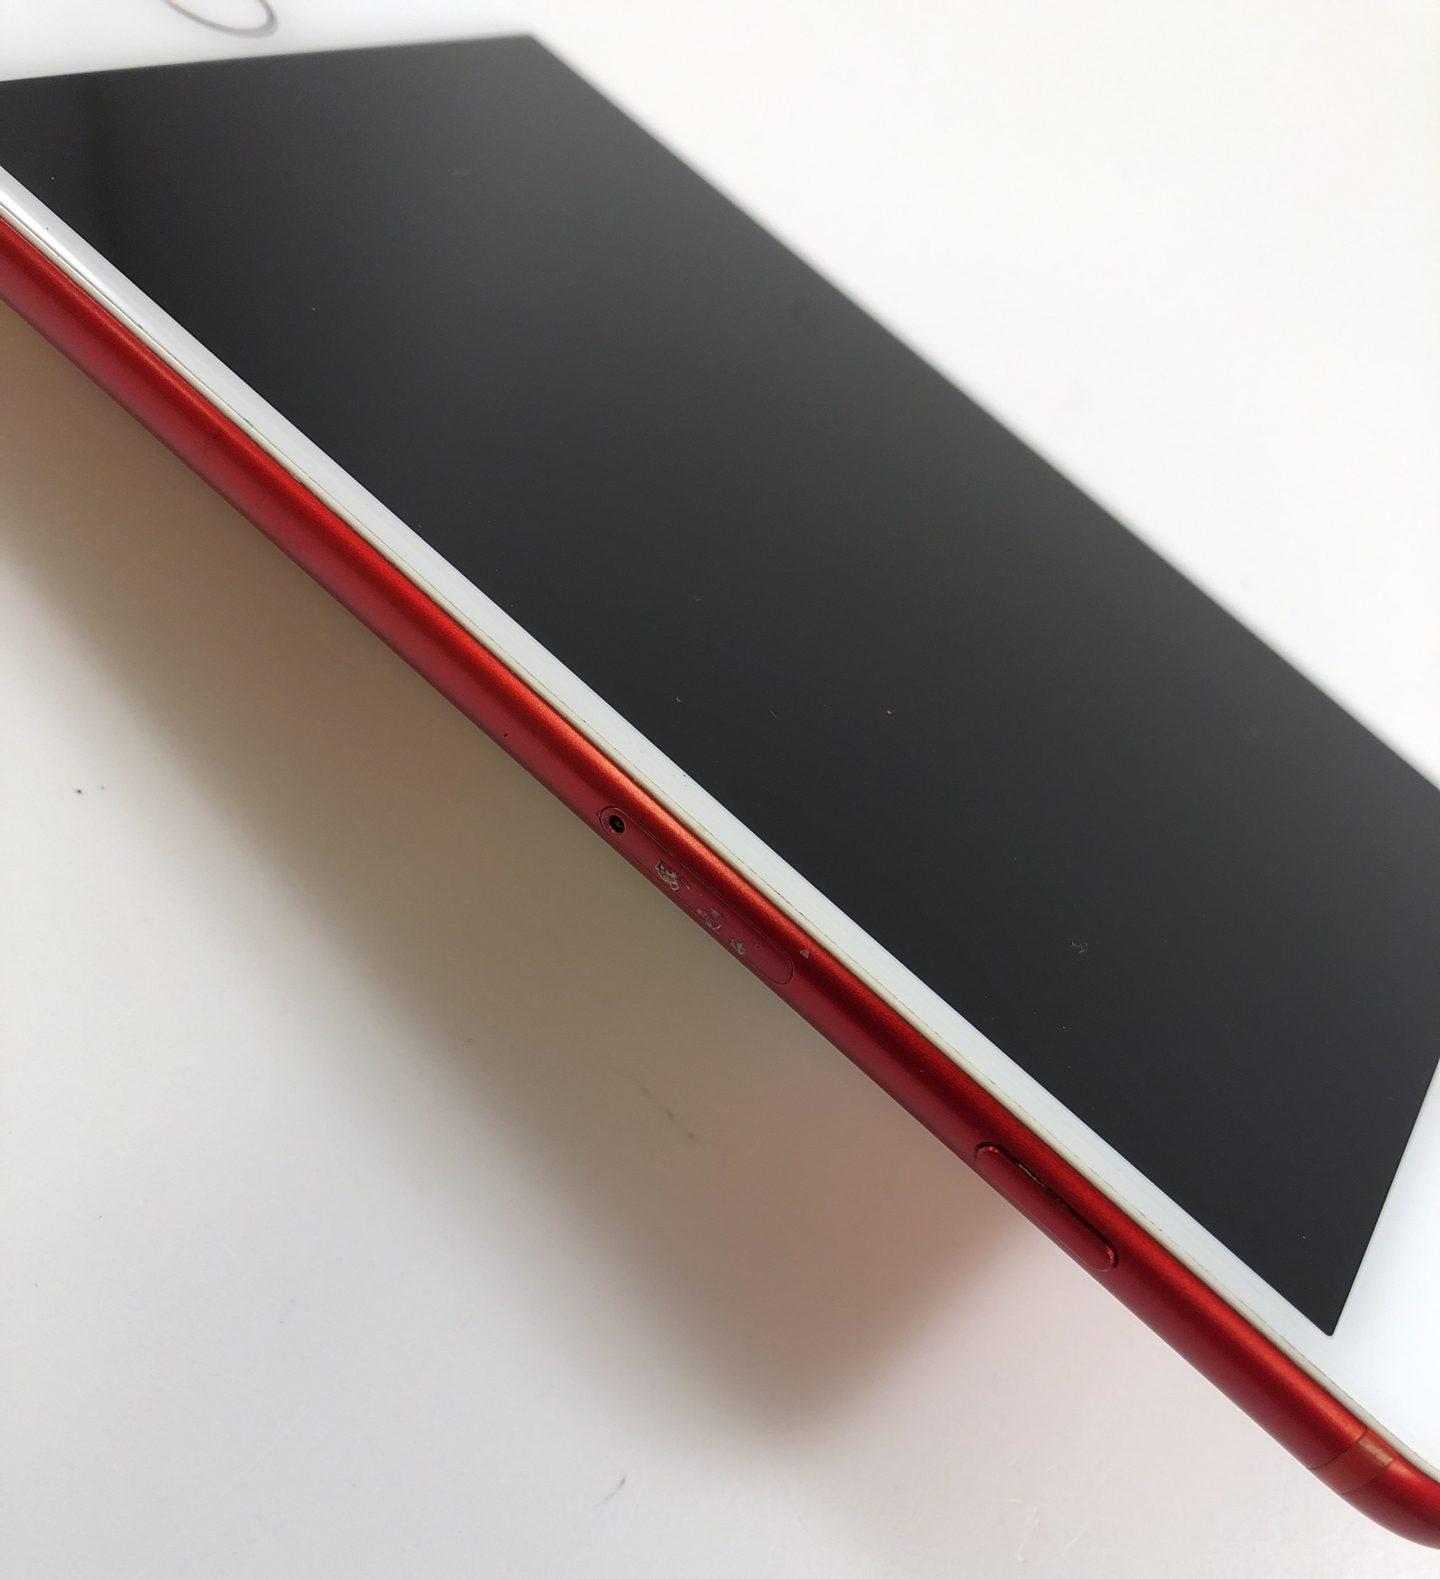 iPhone 7 Plus 256GB, 256GB, Red, imagen 5